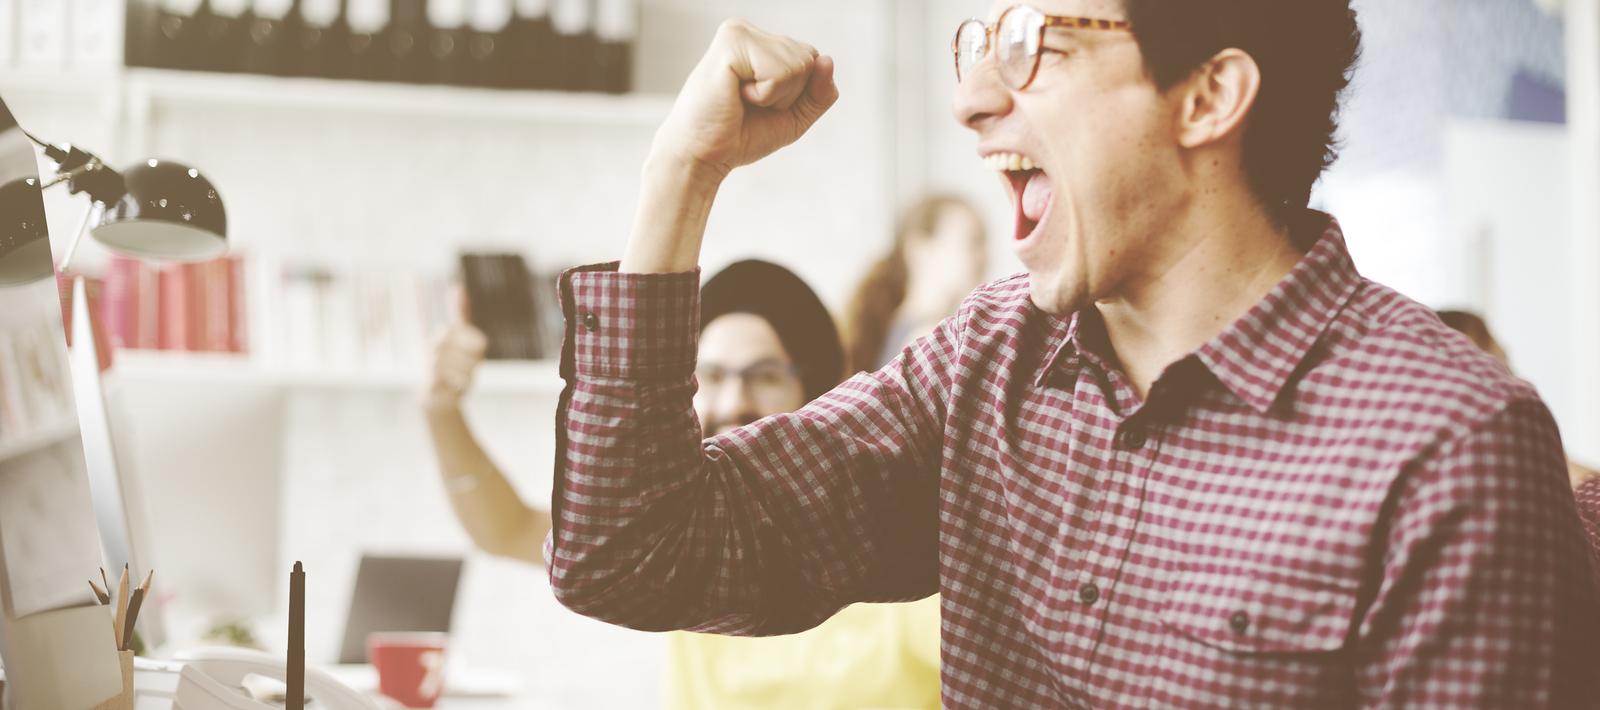 La importancia de la satisfacción laboral en las empresas